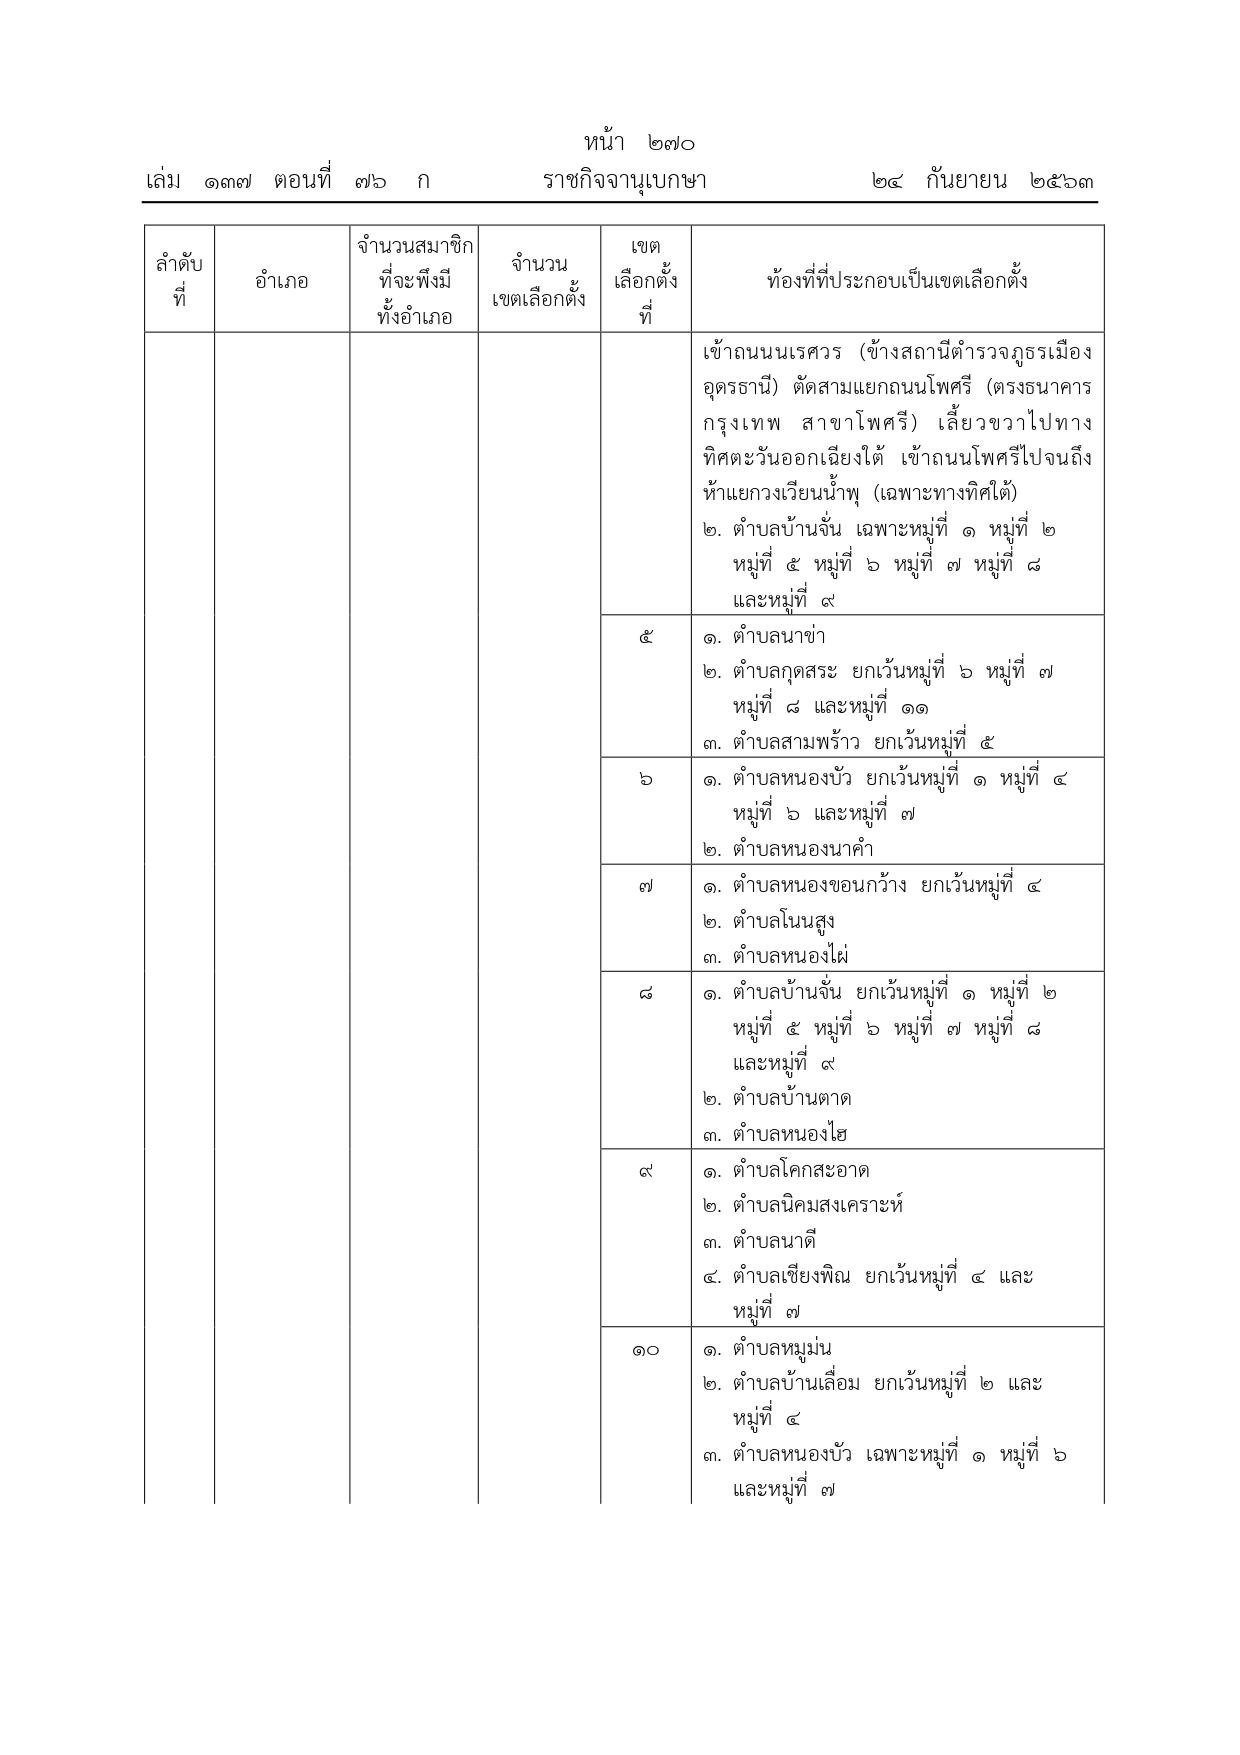 ประกาศคณะกรรมการการเลือกตั้ง เรื่อง การแบ่งเขตเลือกตั้งสมาชิกสภาองค์การบริหารส่วน_page-0004